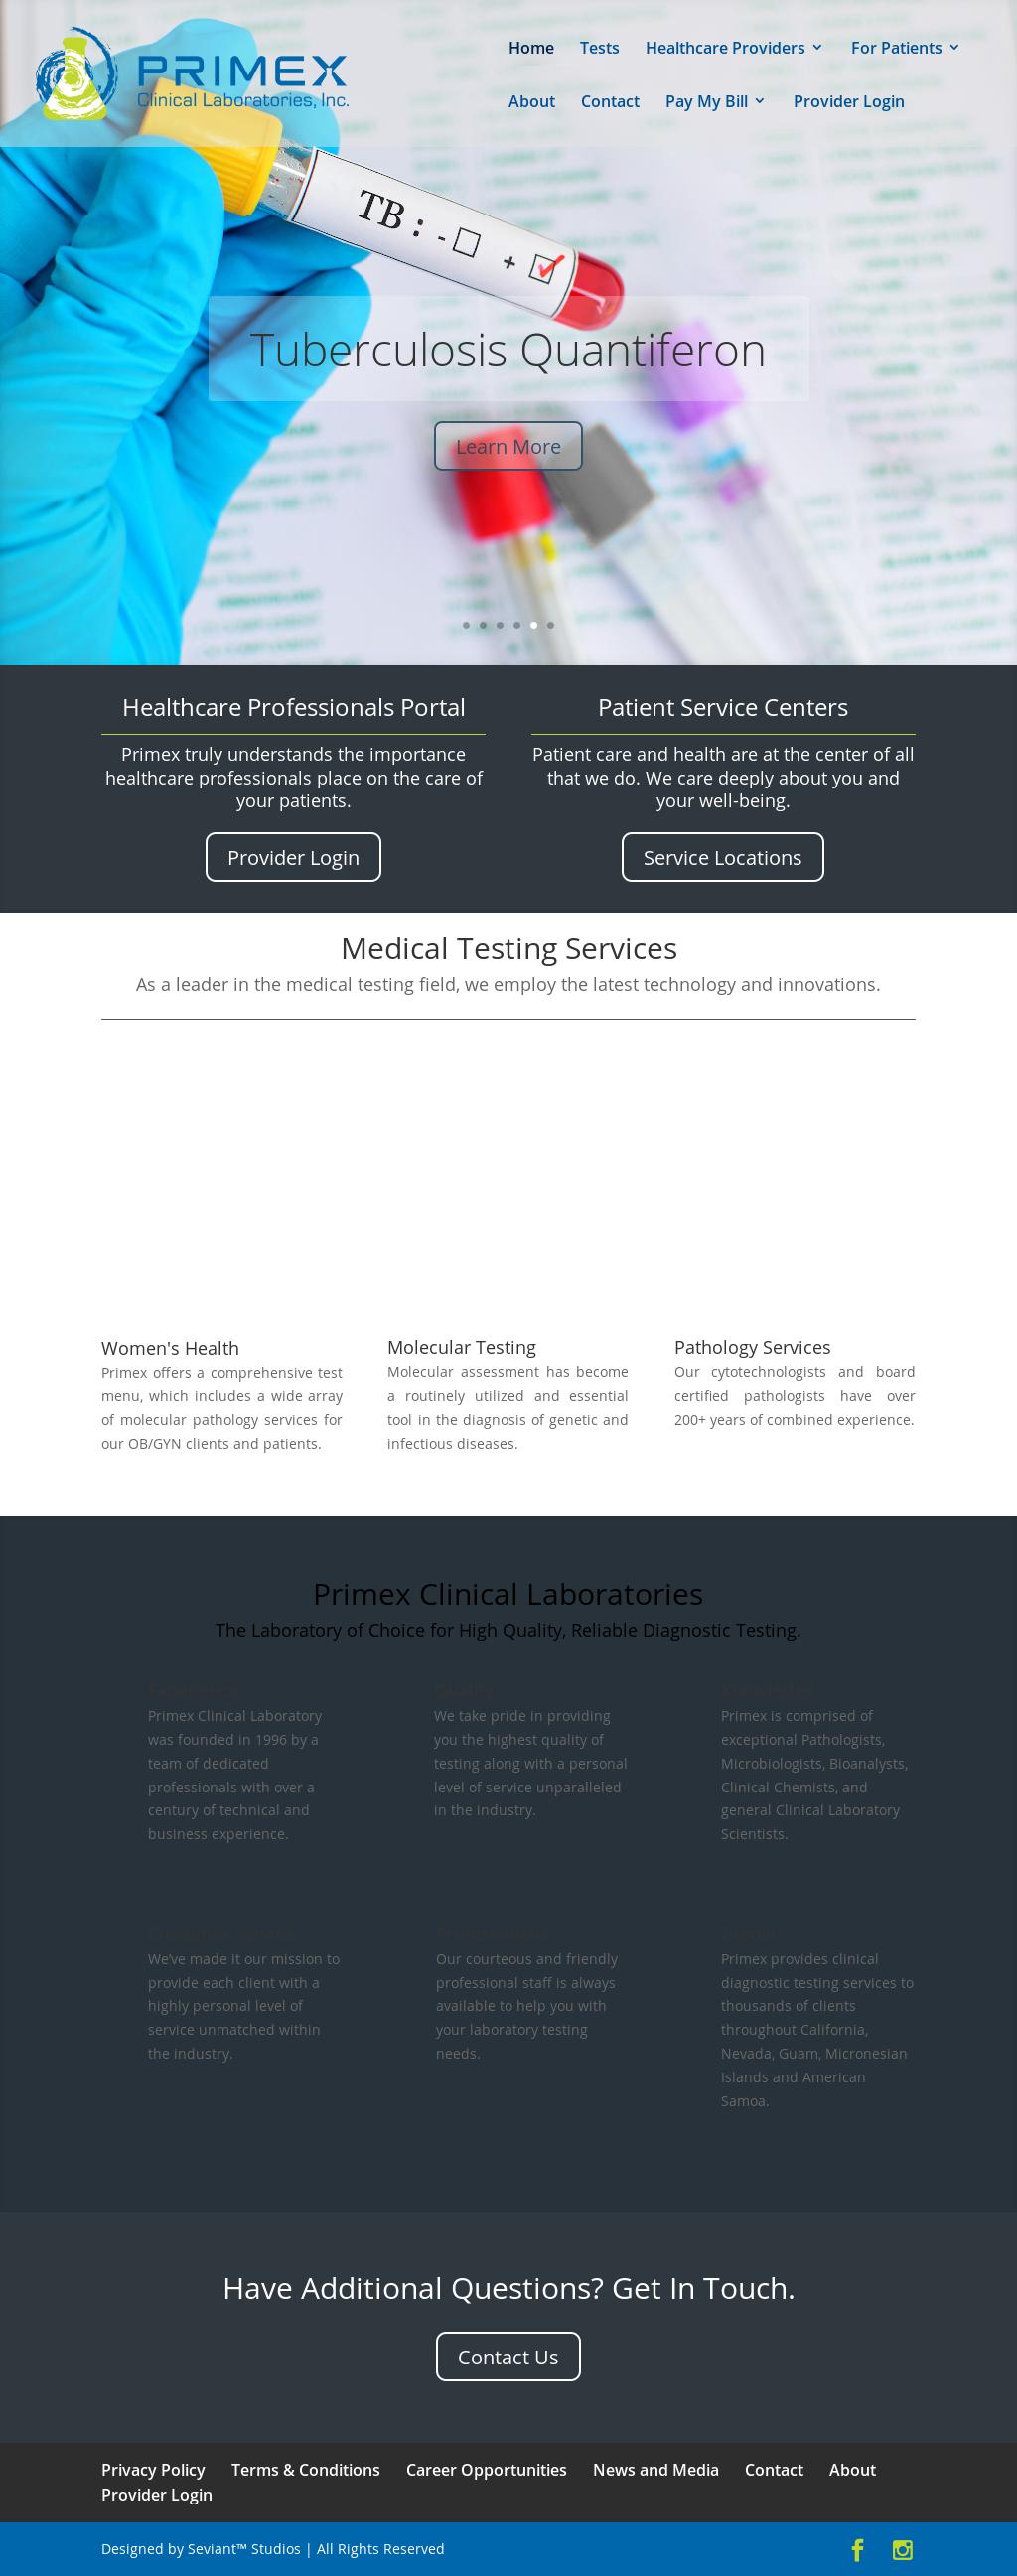 Primex Clinical Laboratories Competitors, Revenue and